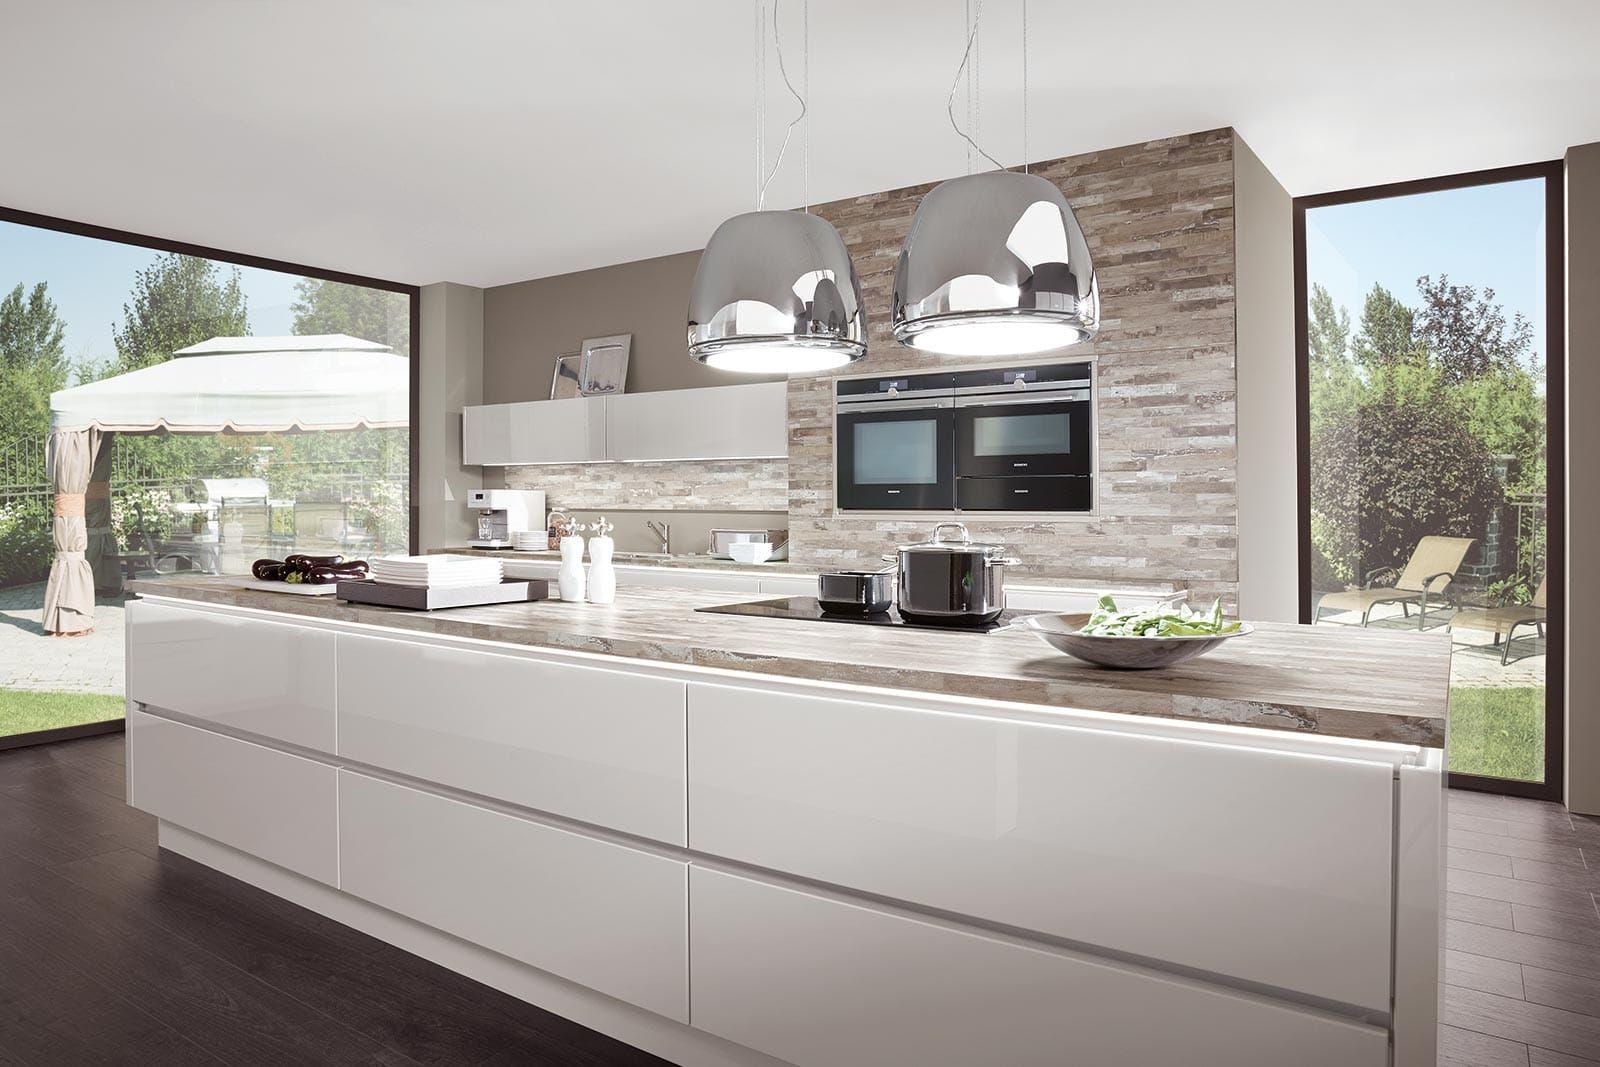 Küchenschränke weiß kochinsel küche hochglanz weiß norina   küche  pinterest